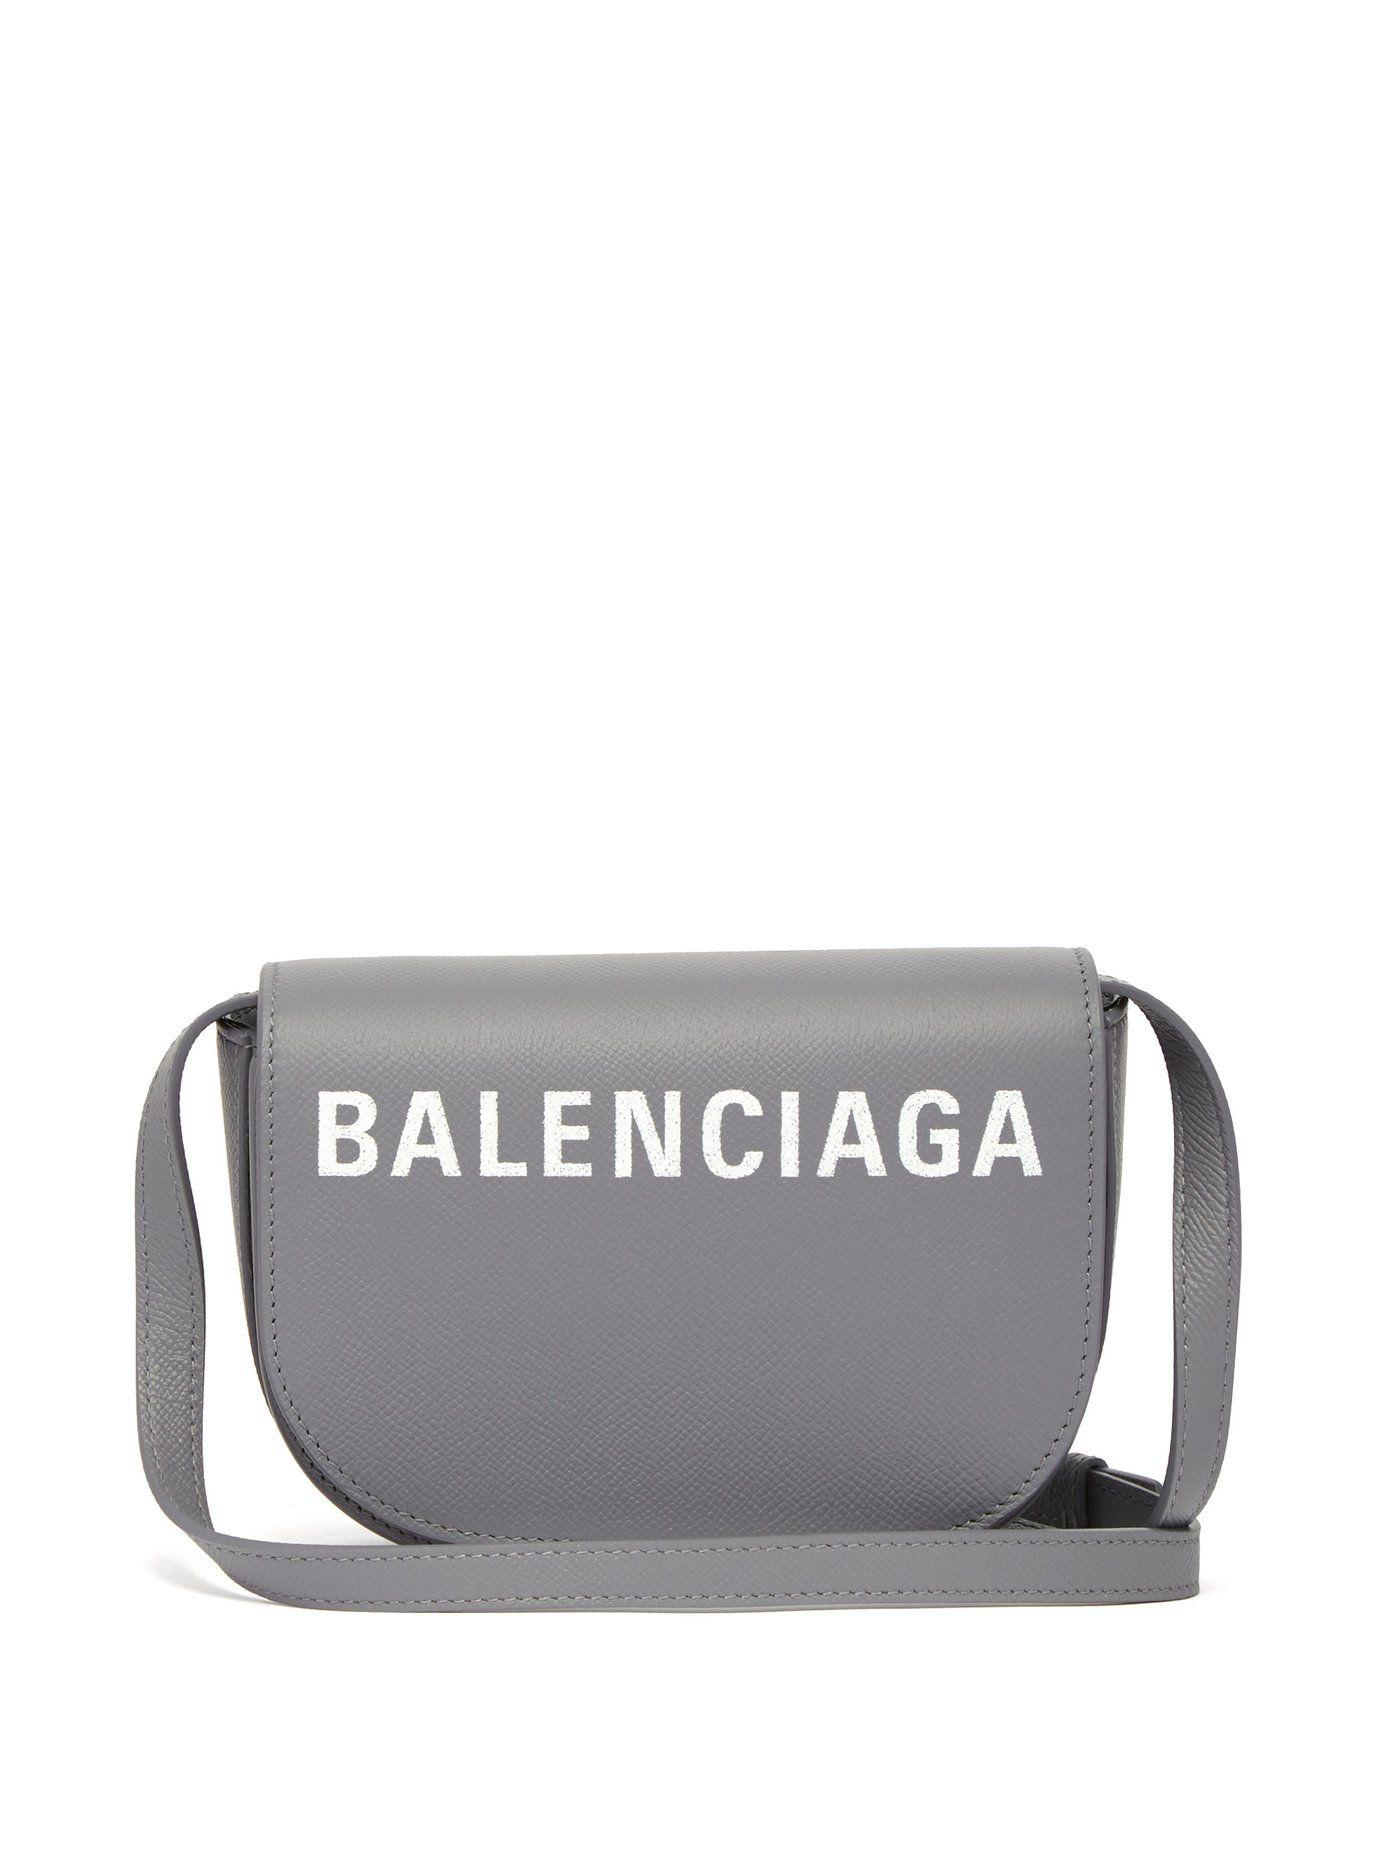 531e8e186 Ville Day XS cross-body bag | Balenciaga | Edgy Bags in 2019 ...